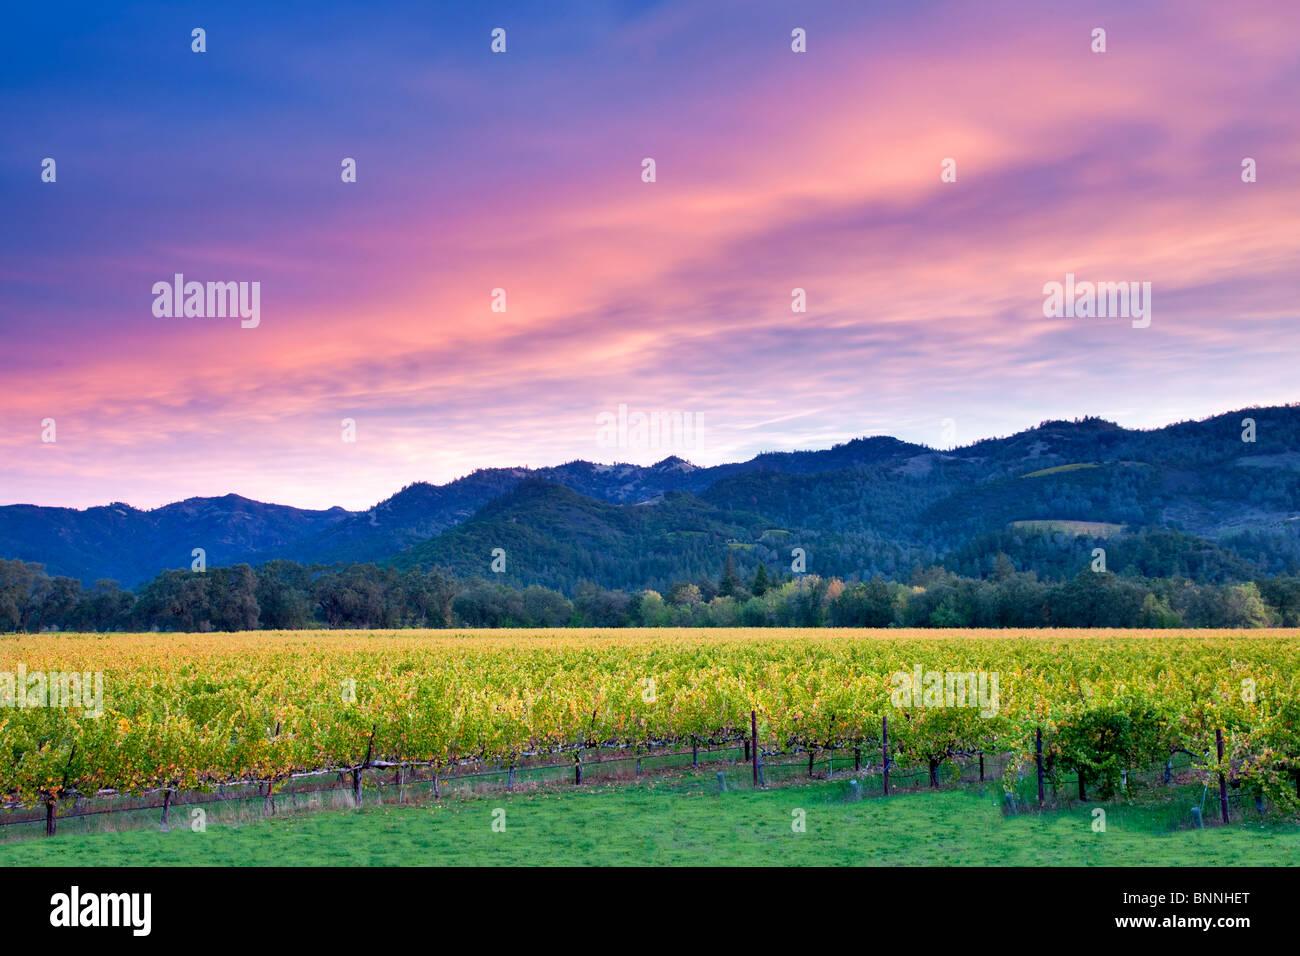 Amanecer sobre el valle Napa viñedos con color en el otoño. California Foto de stock